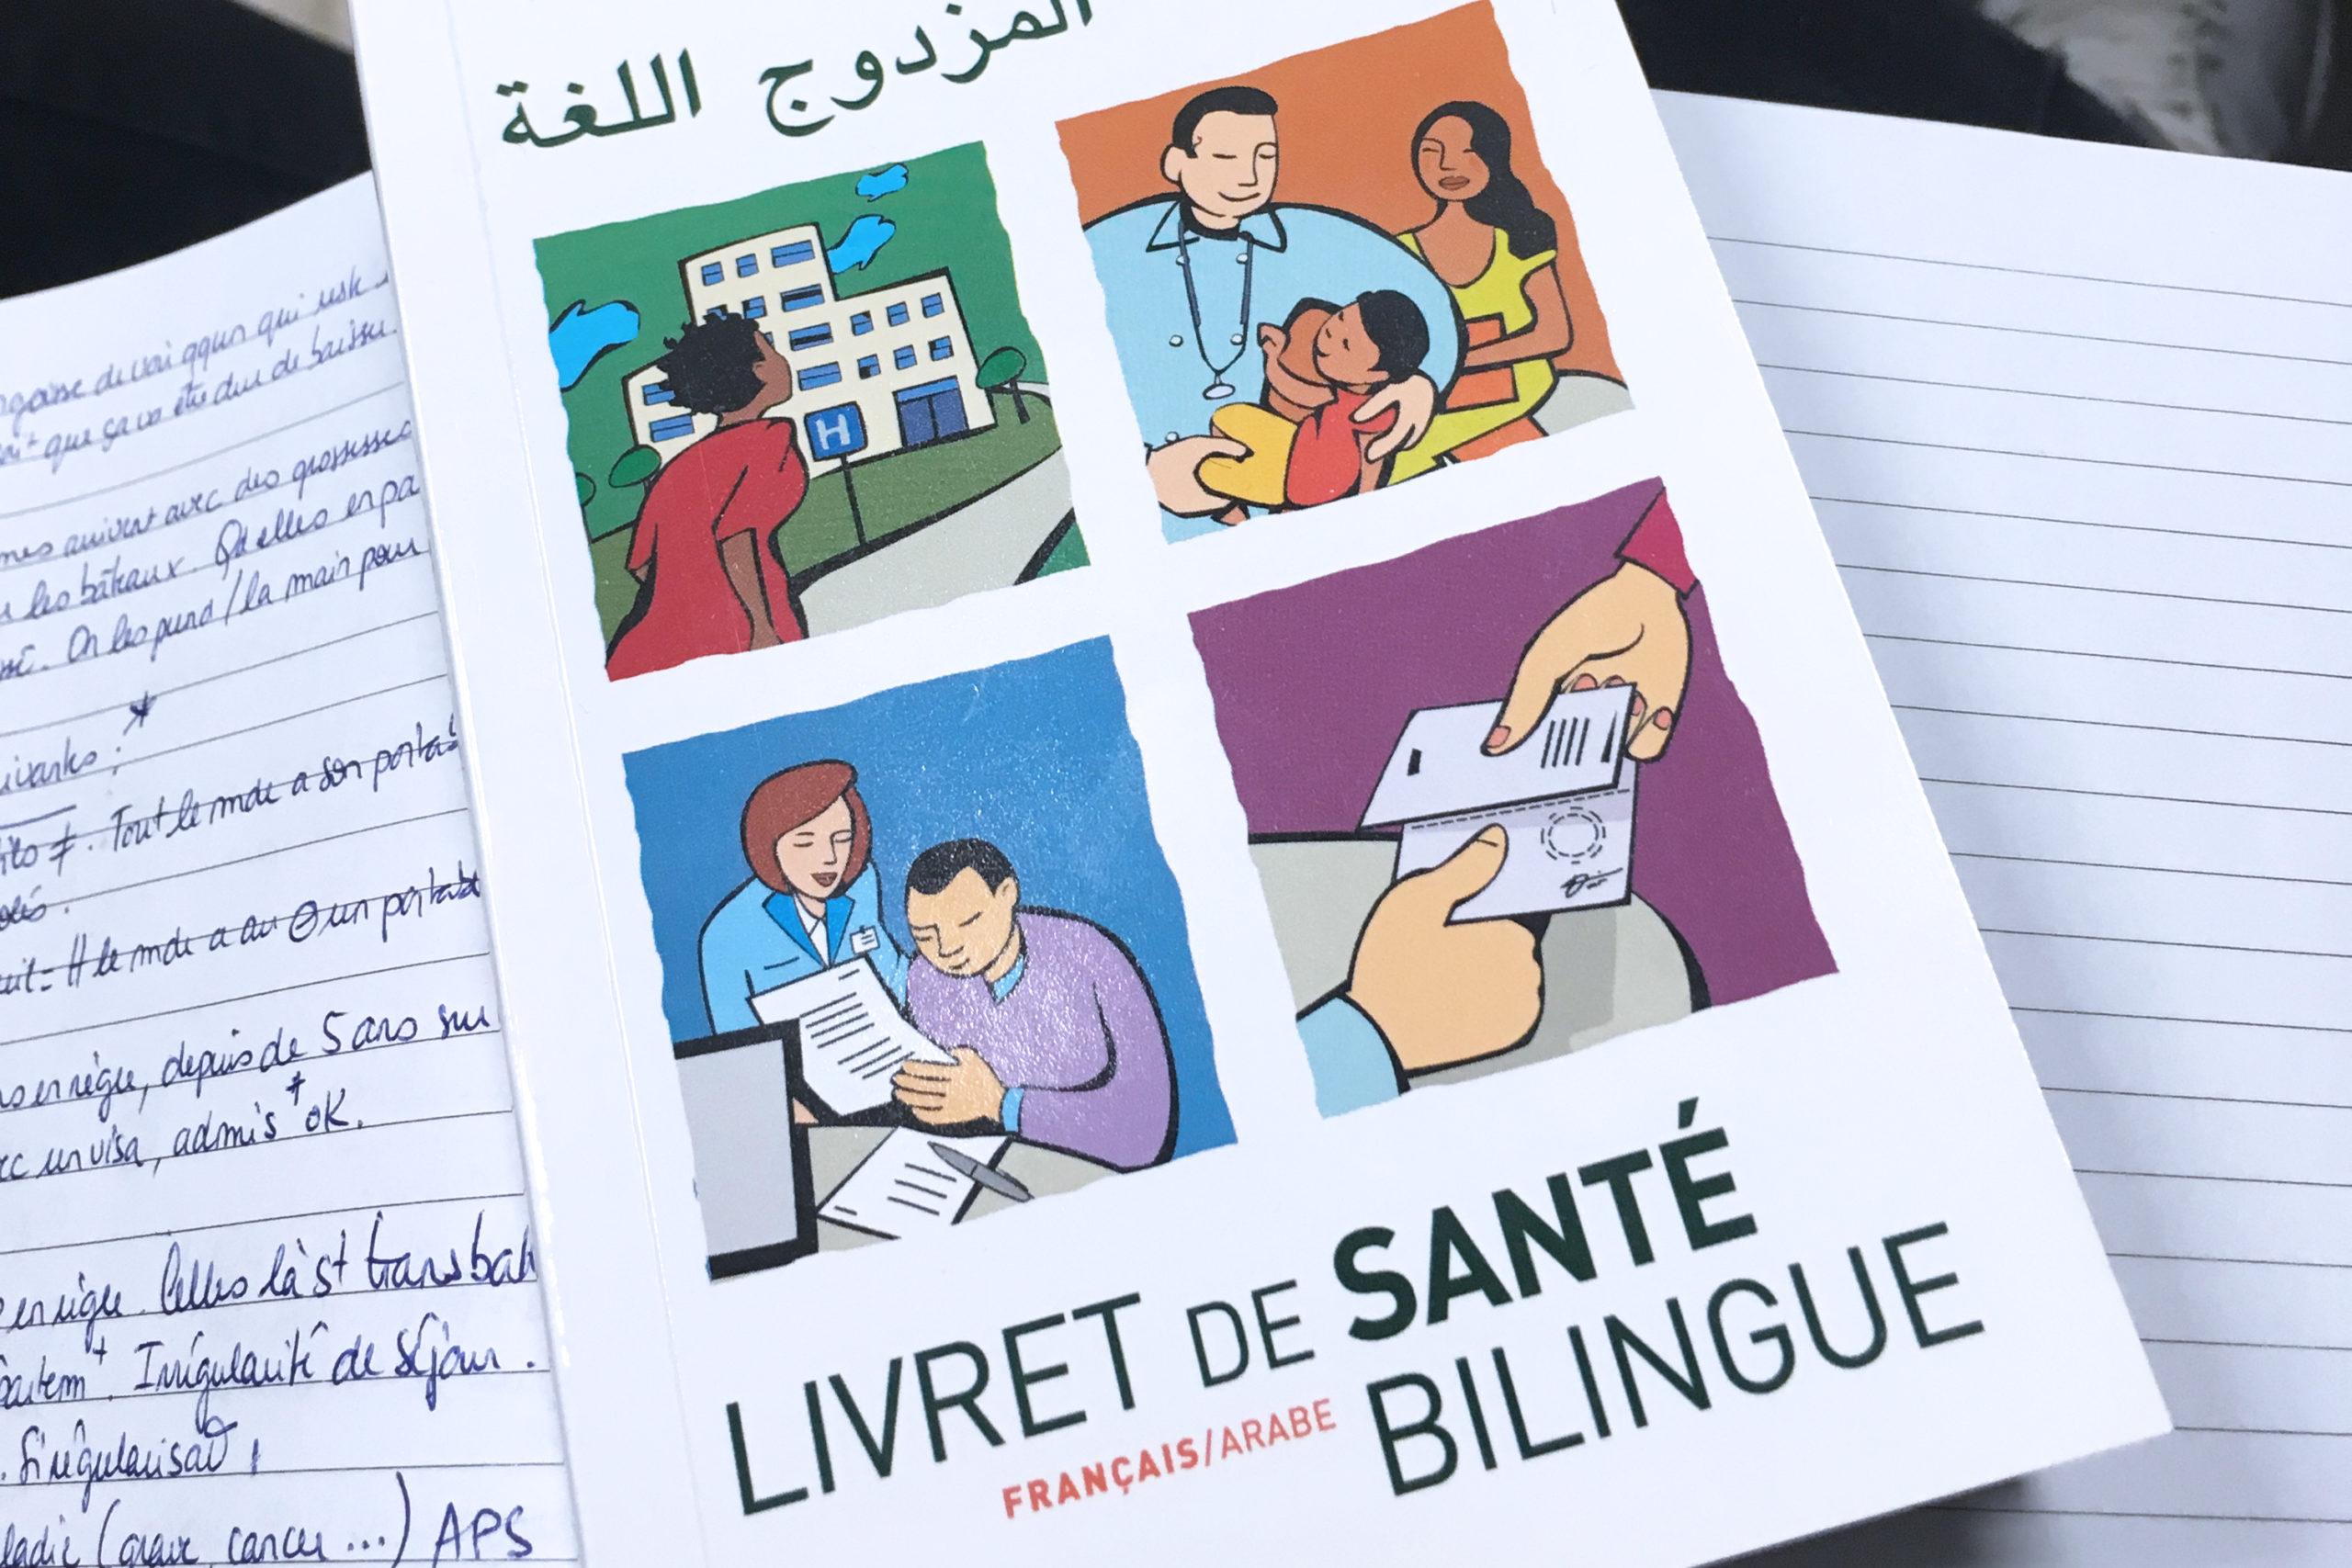 Livret de santé bilingue - Français / Arabe